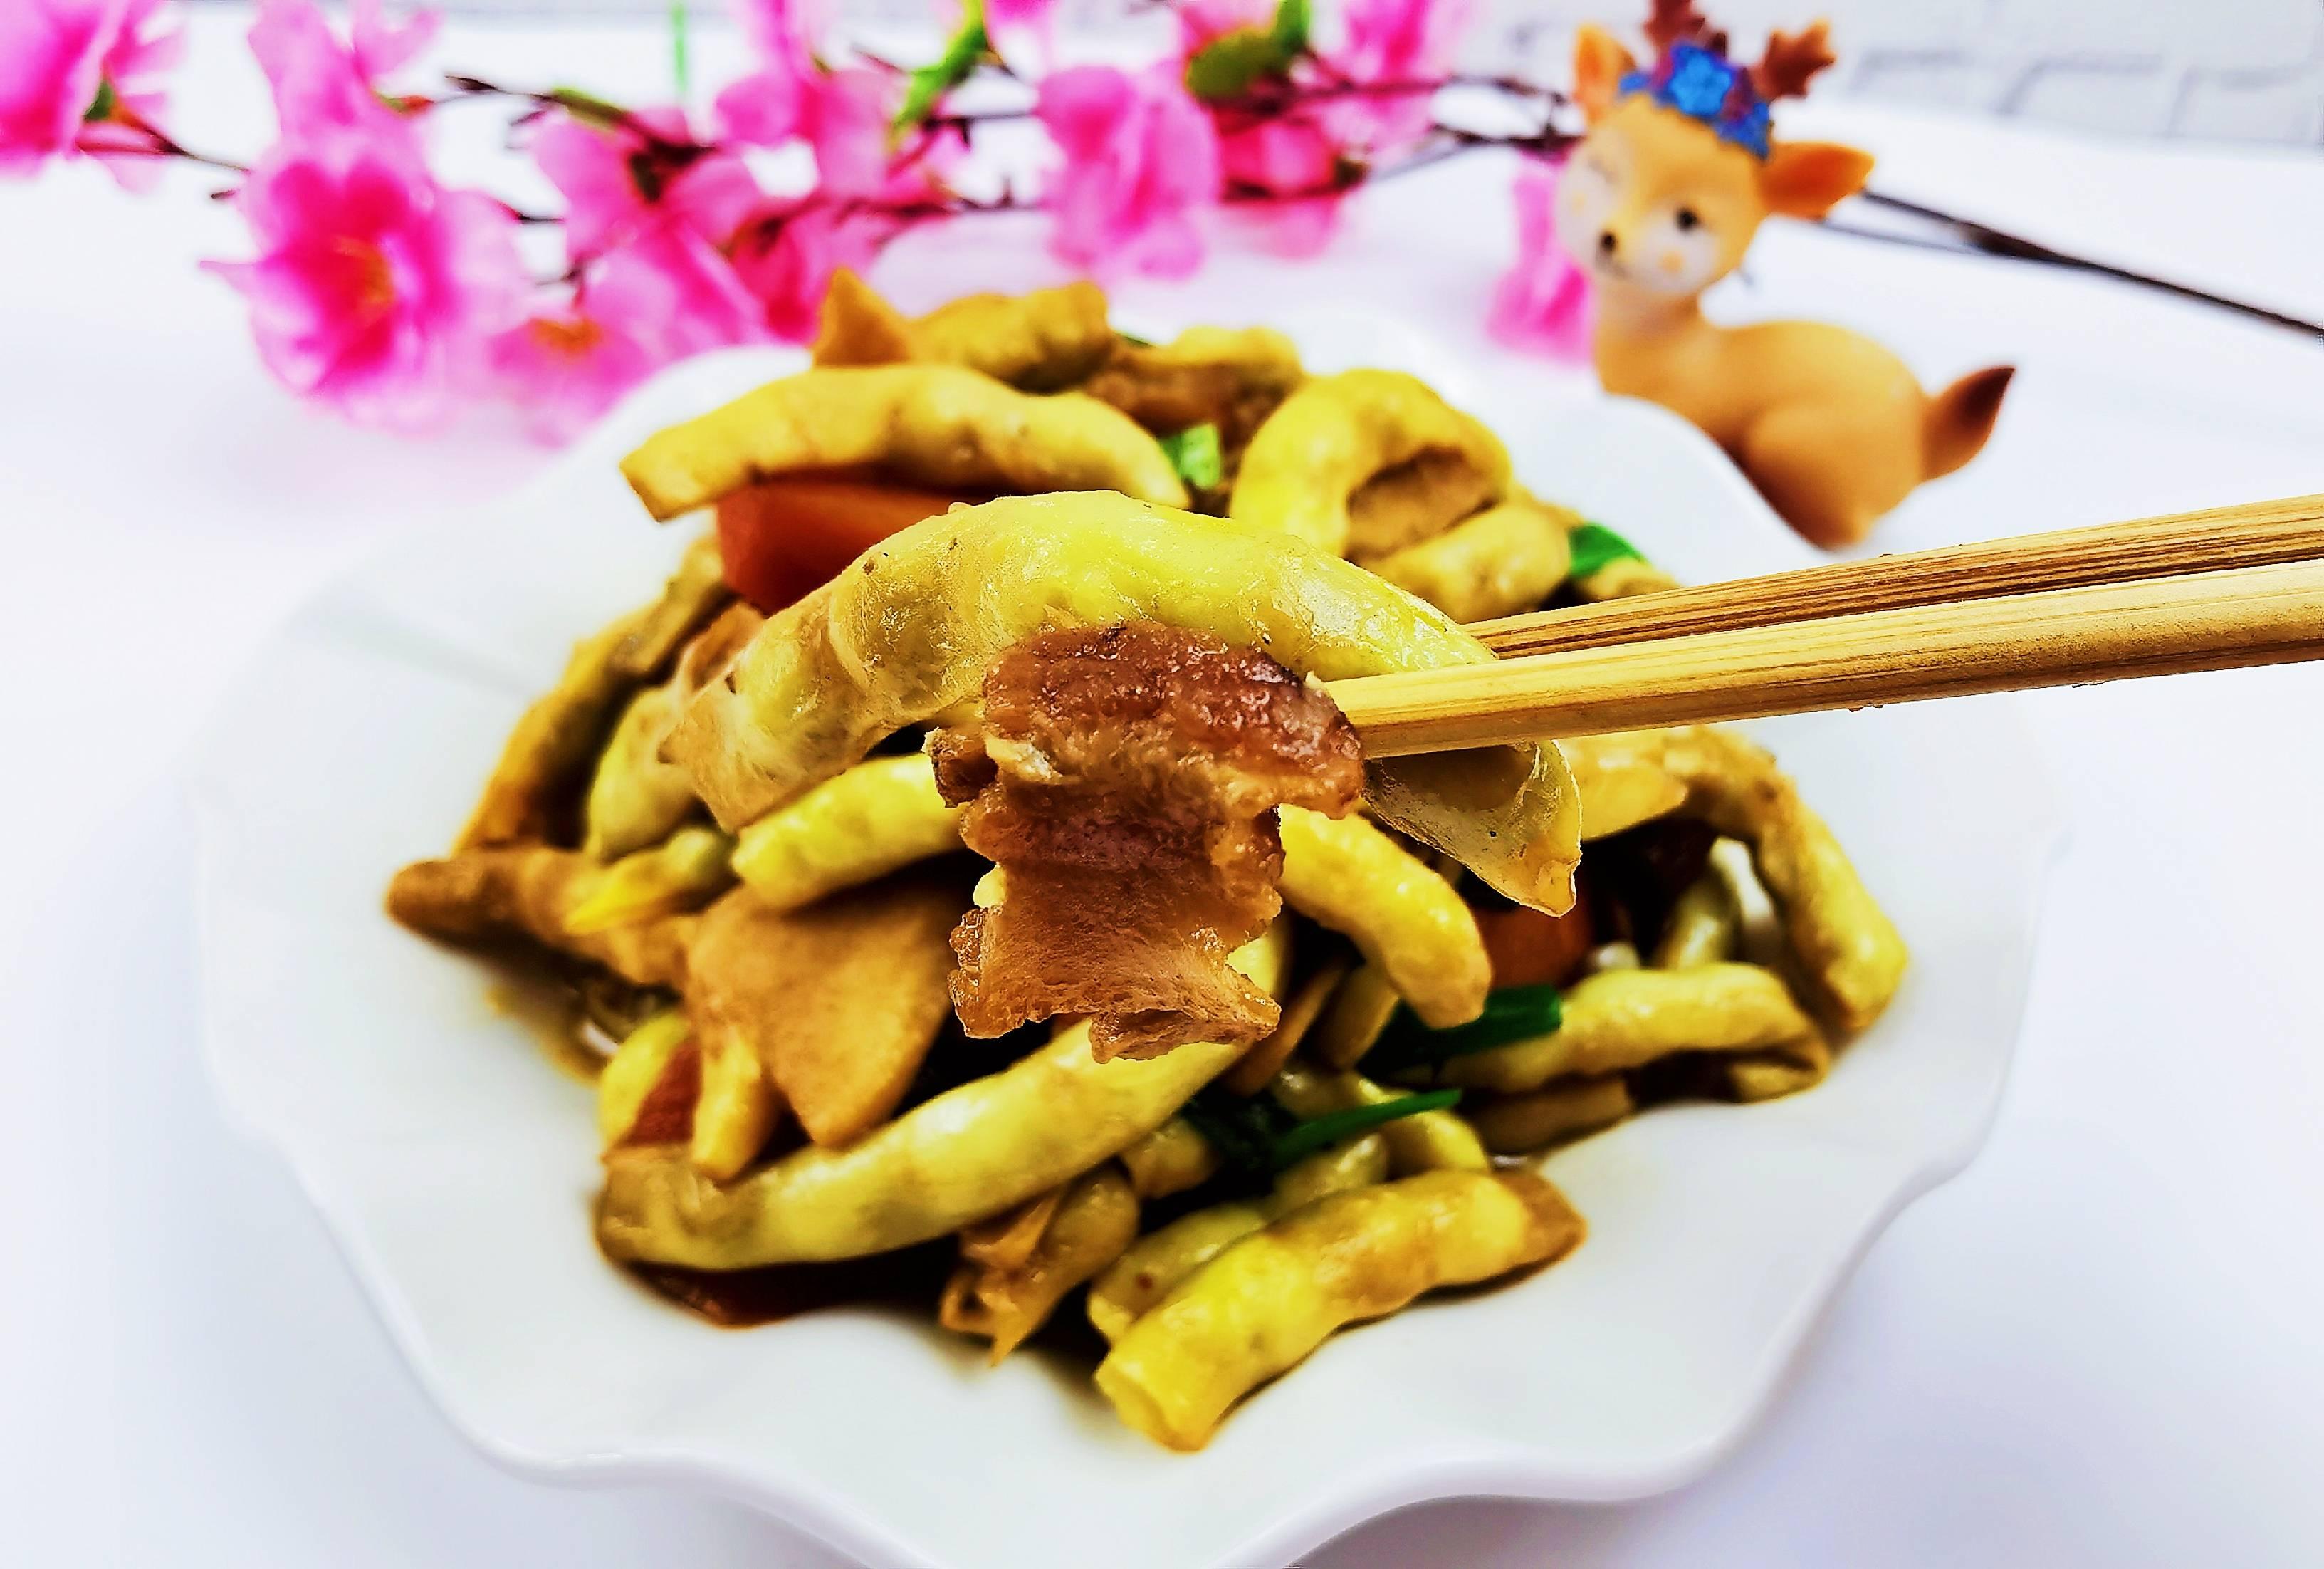 我是半滴雨#来自内蒙古#,参赛作品为农家豆角小炒肉,豆大饱满营养下饭怎么煮